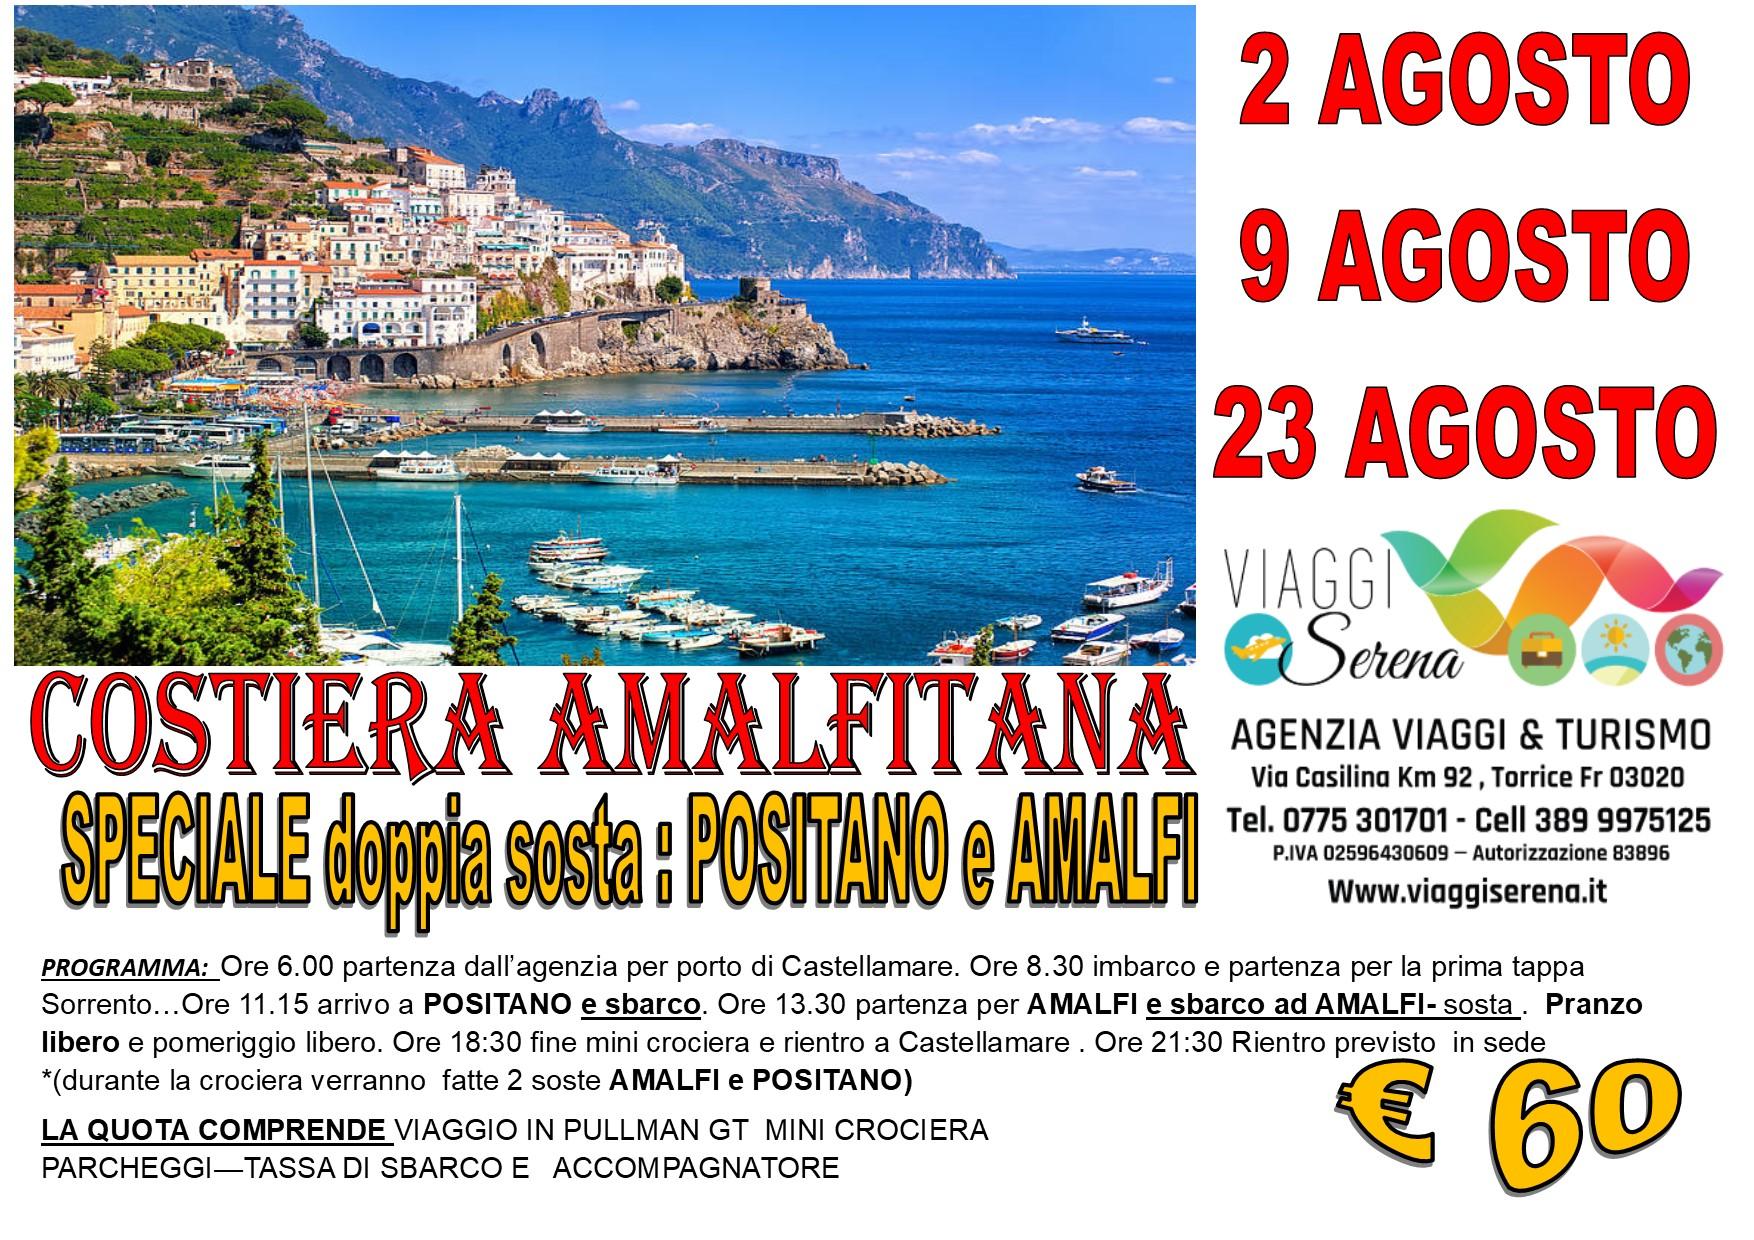 """Viaggi di Gruppo: Mini crociera COSTIERA AMALFITANA """"Positano & Amalfi"""" 2-9-23 Agosto € 60,00"""